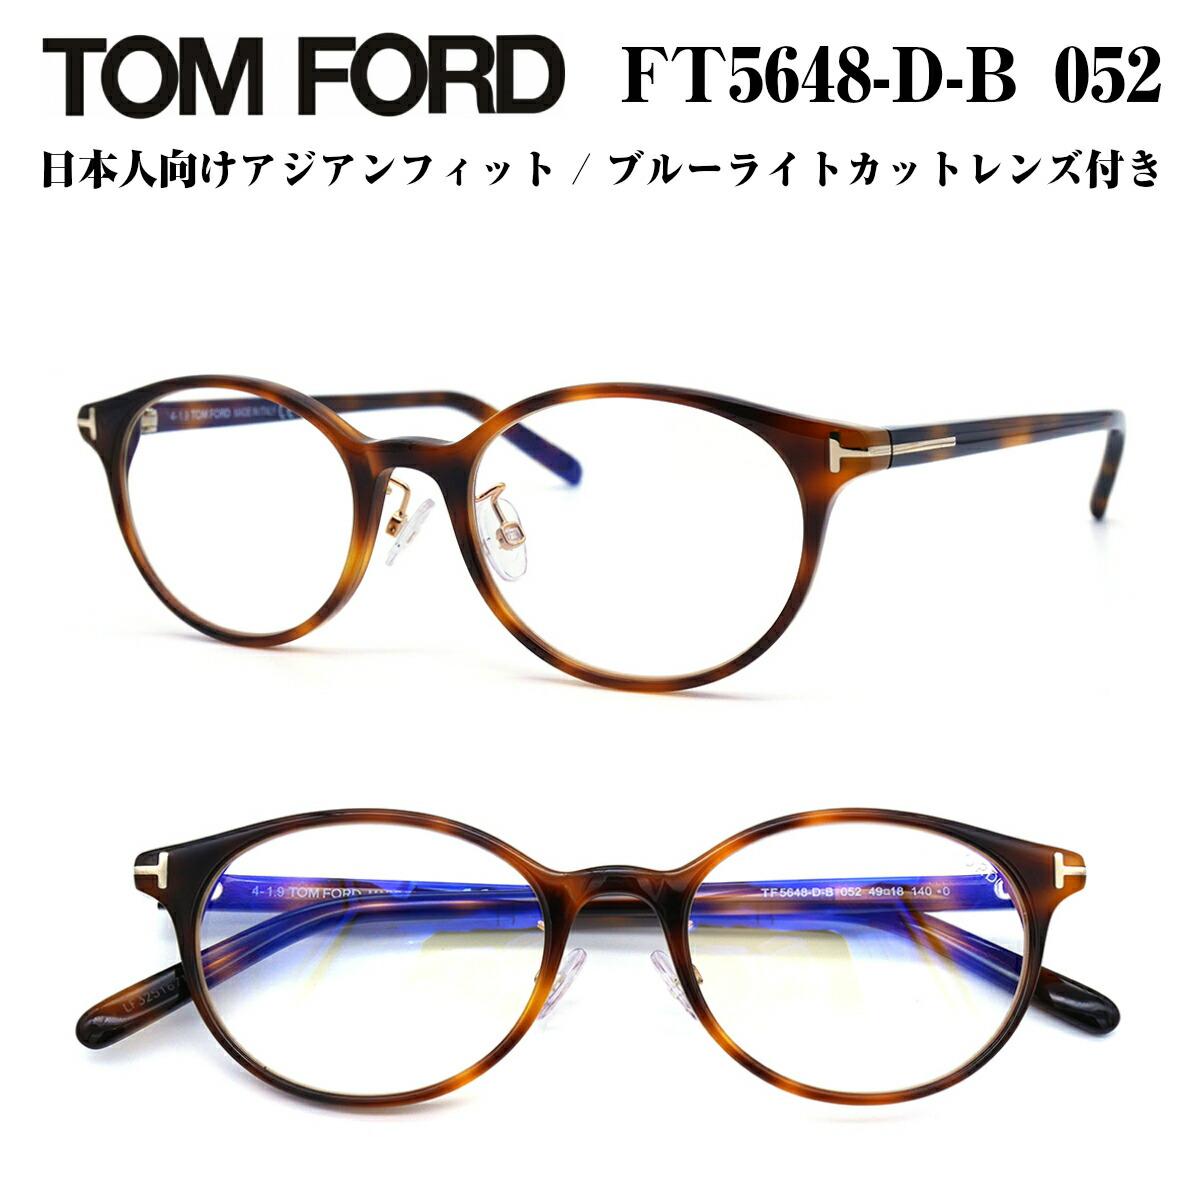 TOM FORD トムフォード FT5648DB-052 (TF5648DB-052) 49 サイズ メガネ 眼鏡 めがね フレーム アジアンフィット ブルーライトカットレンズ付き ダテメガネ 【正規品】 度付き対応 TOMFORD メンズ 男性 おしゃれ 日本企画